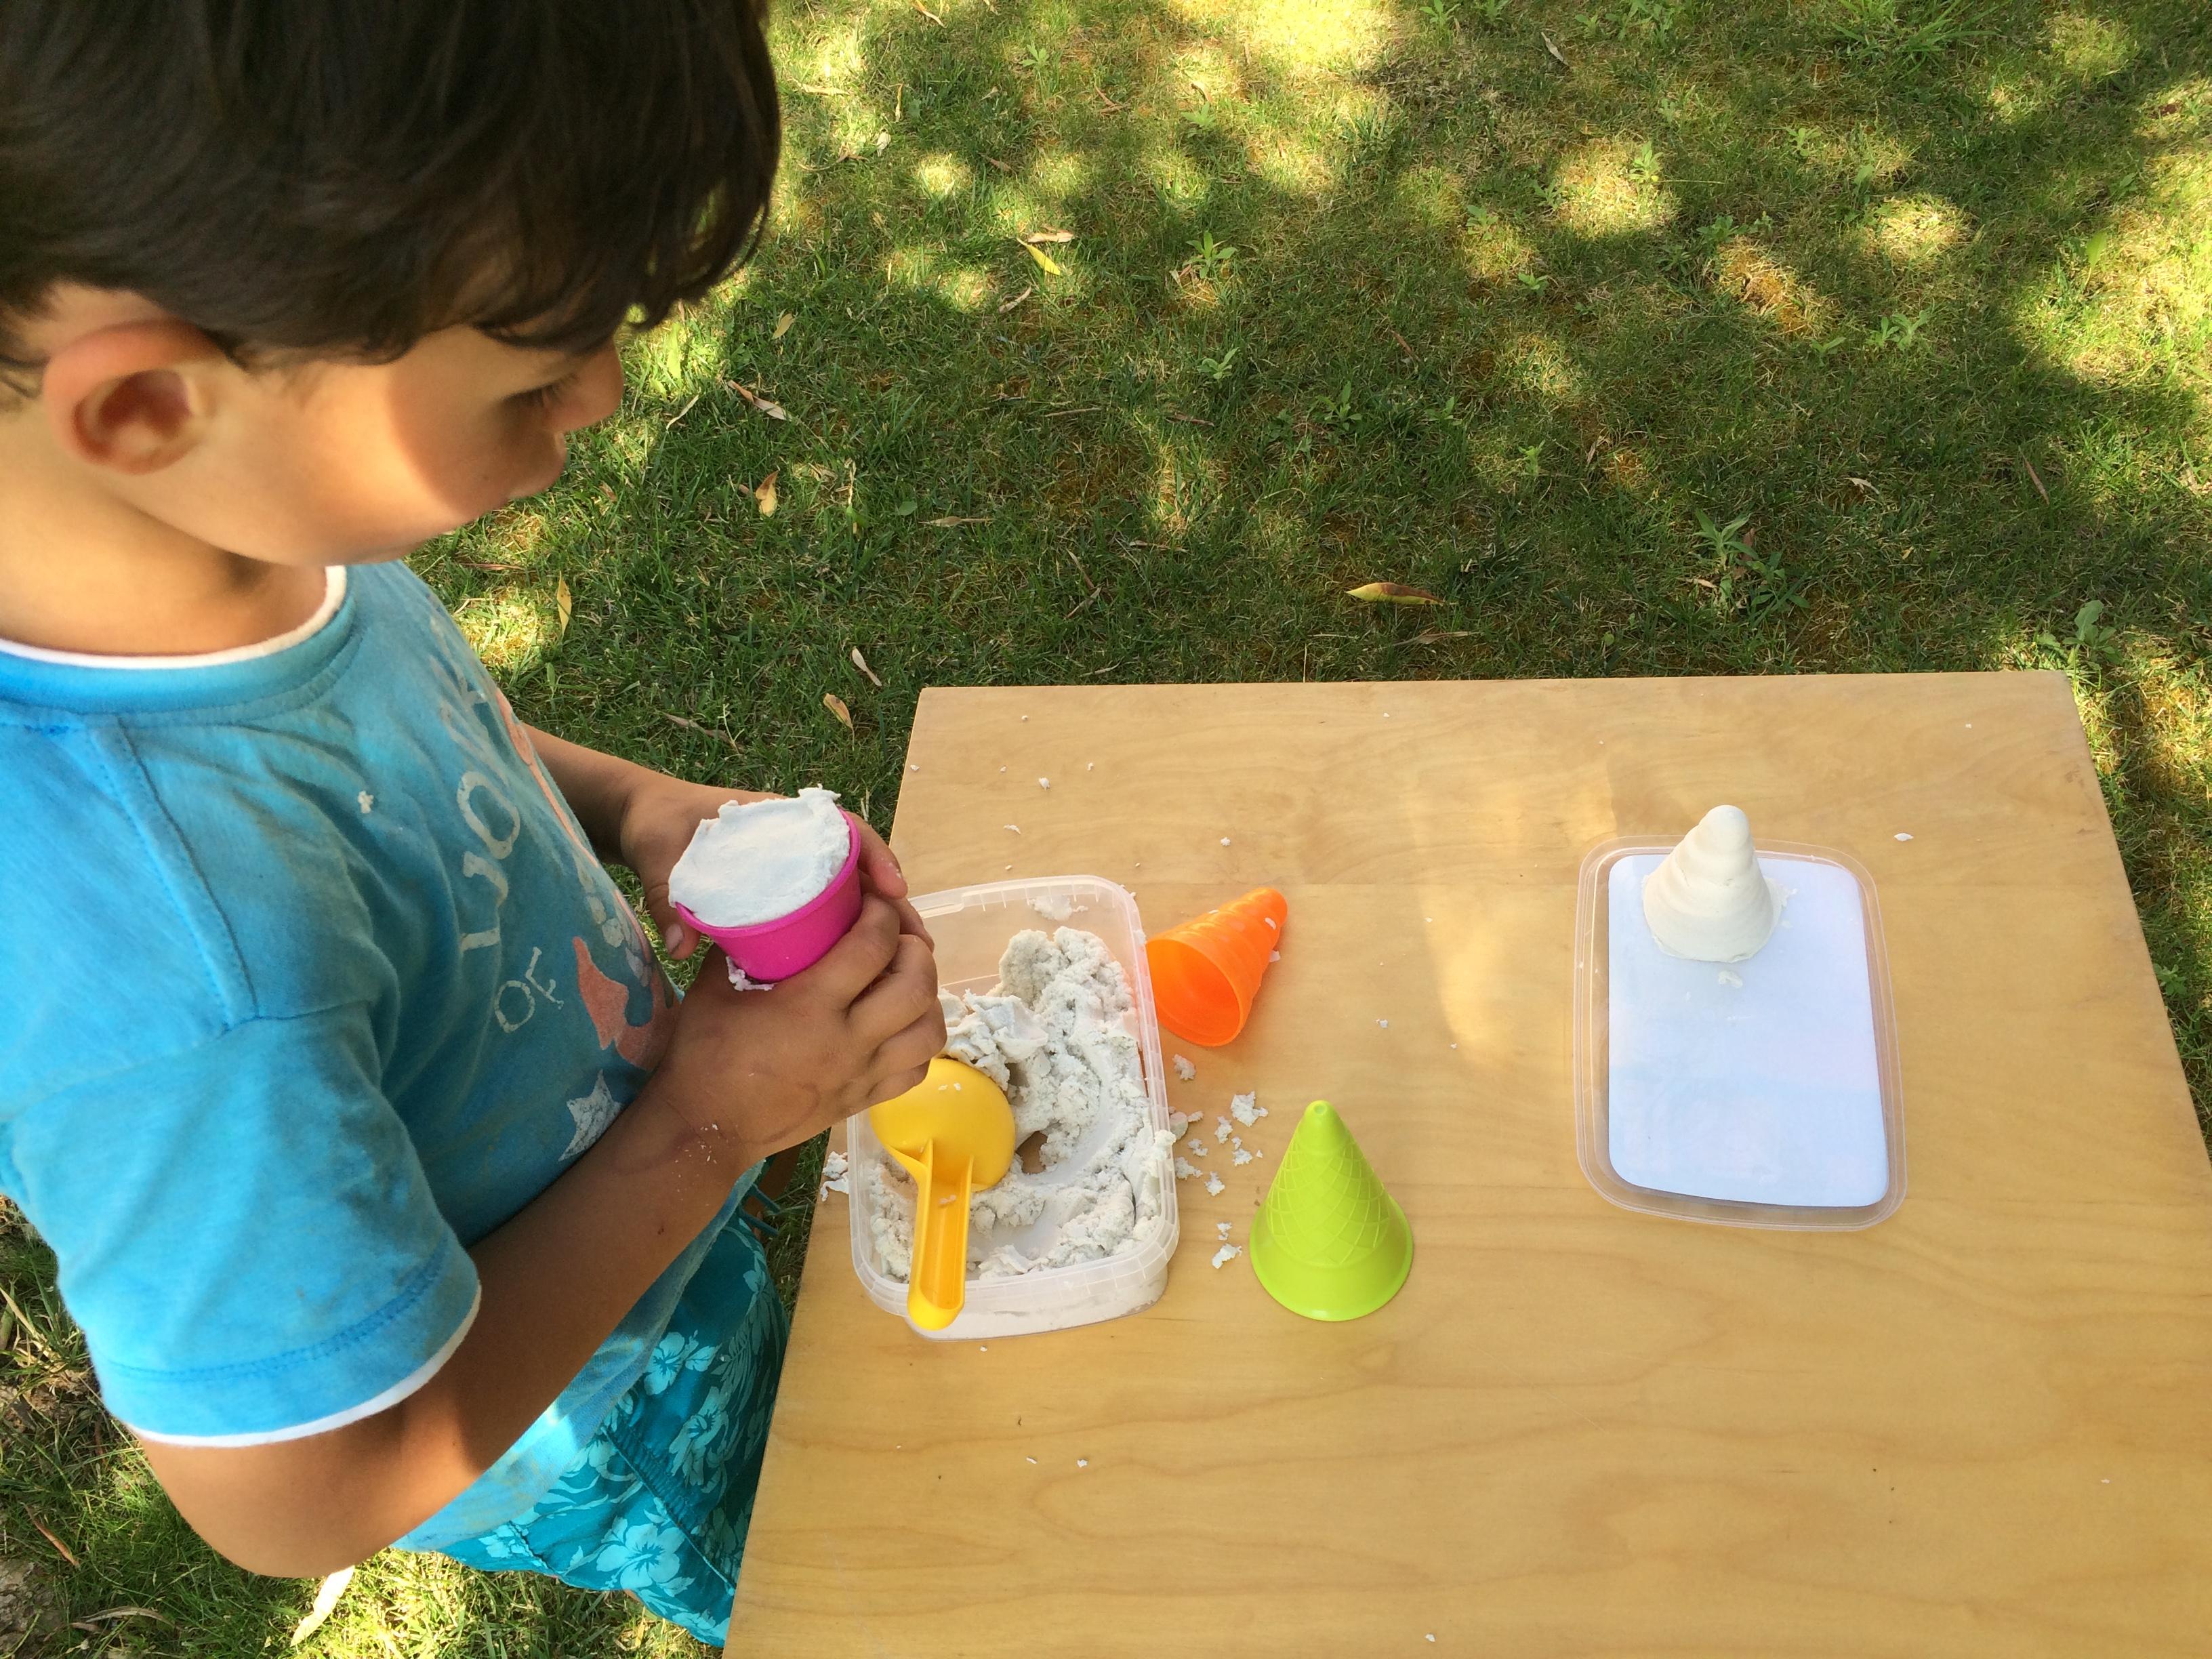 Exceptionnel L'Activité Montessori du Jour : Les bienfaits du modelage | Le  GA31